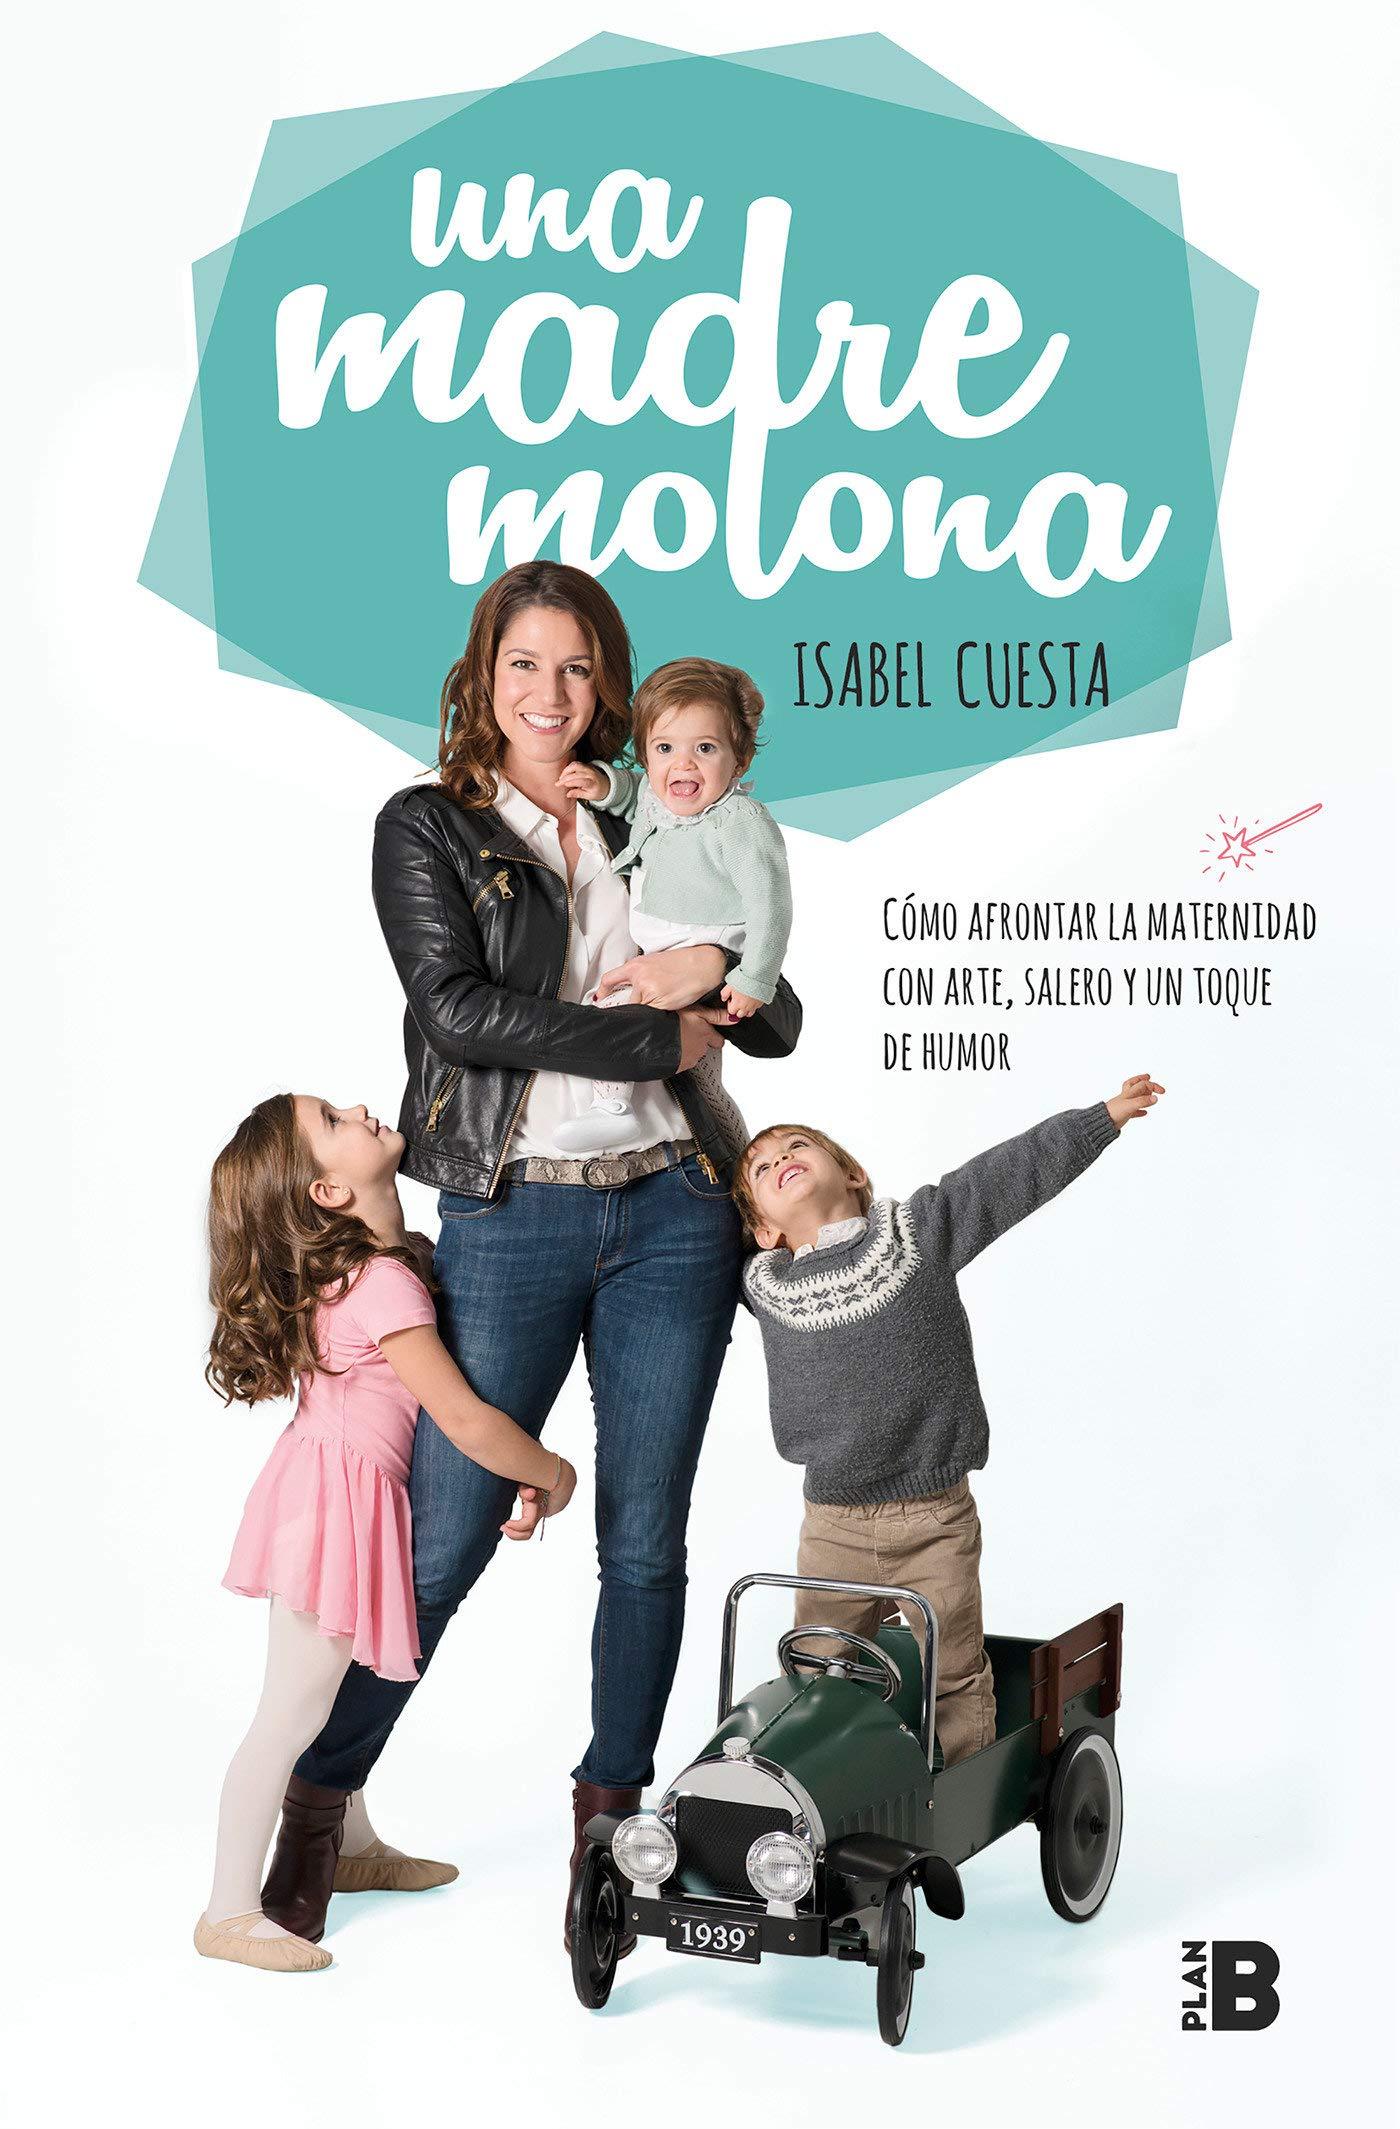 UNA MADRE MOLONA: CÓMO AFRONTAR LA MATERNIDAD CON ARTE, SALERO Y UN TOQUE DE HUMOR (TAPA BLANDA) Autor/Autora Isabel Cuesta  Editorial EDICIONES B